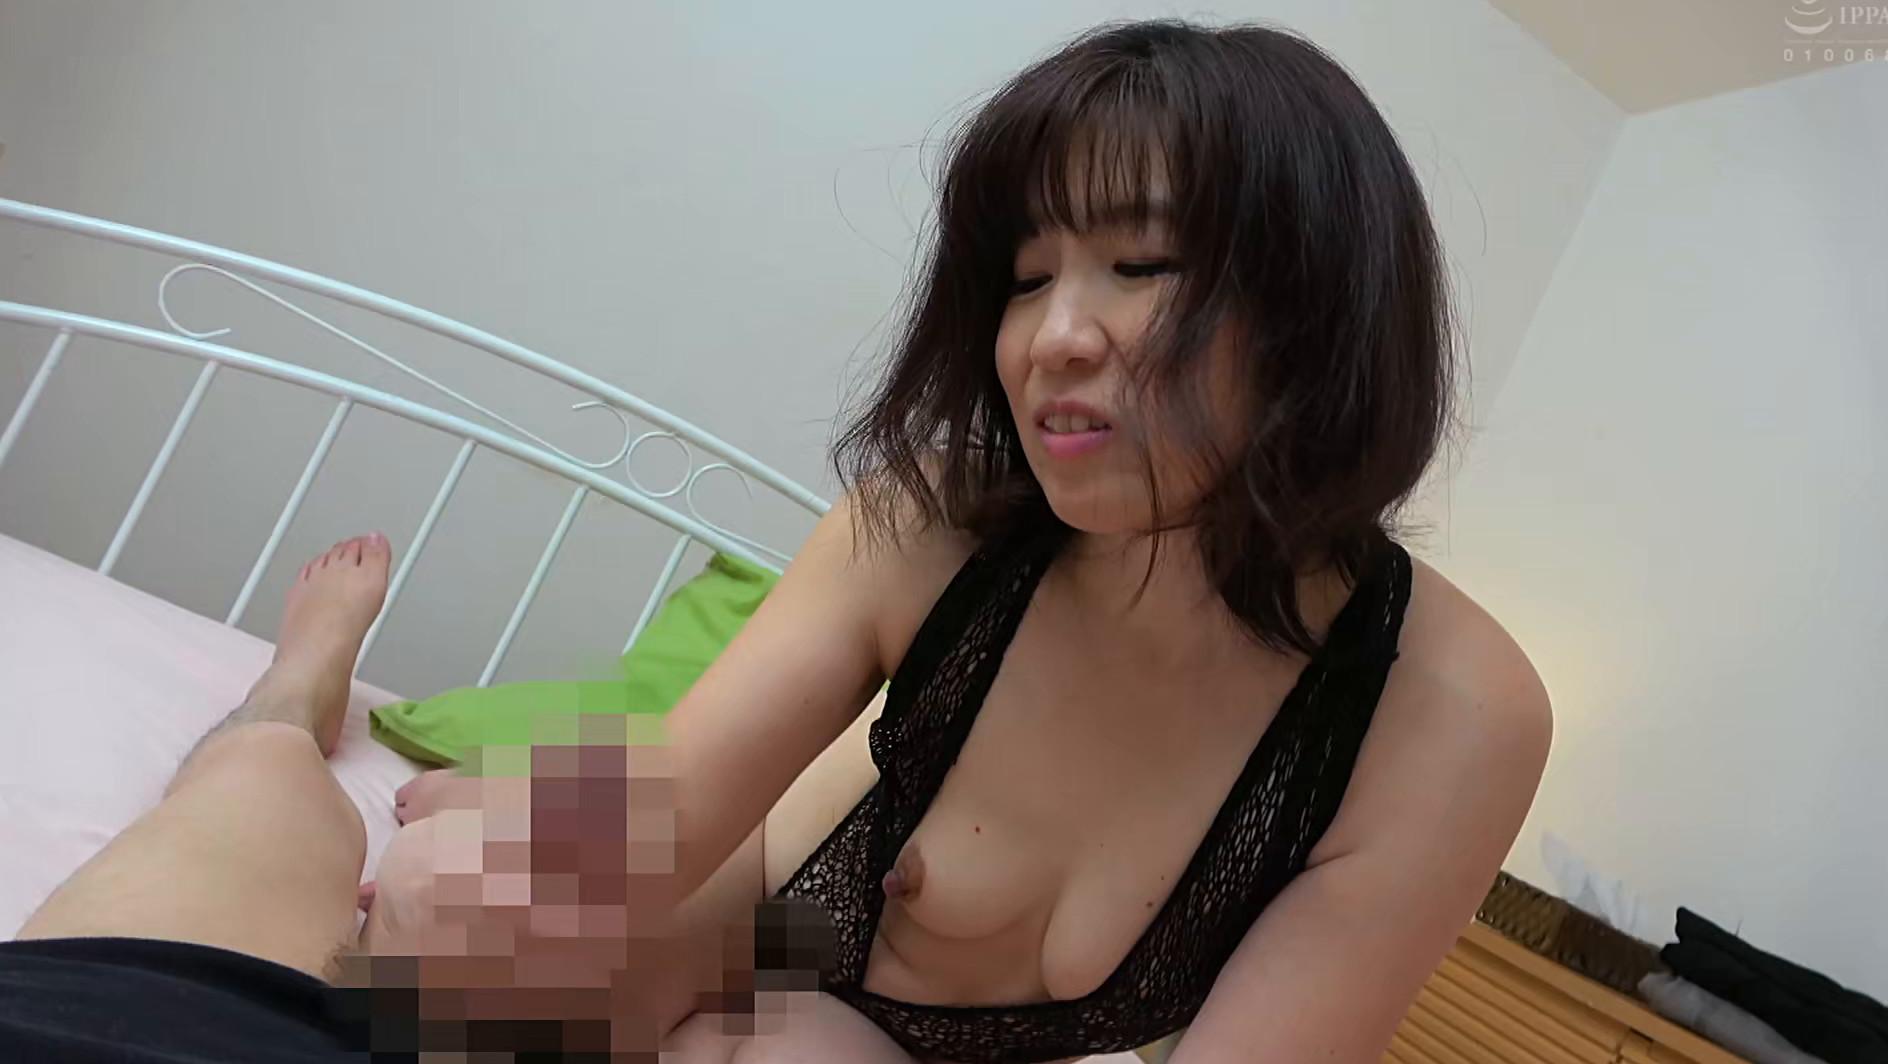 体型は普通な割りにデカ尻の母に会いに行ったら、Tバックを履いていてビックリした・・・ハプニング近親姦 180分 画像20